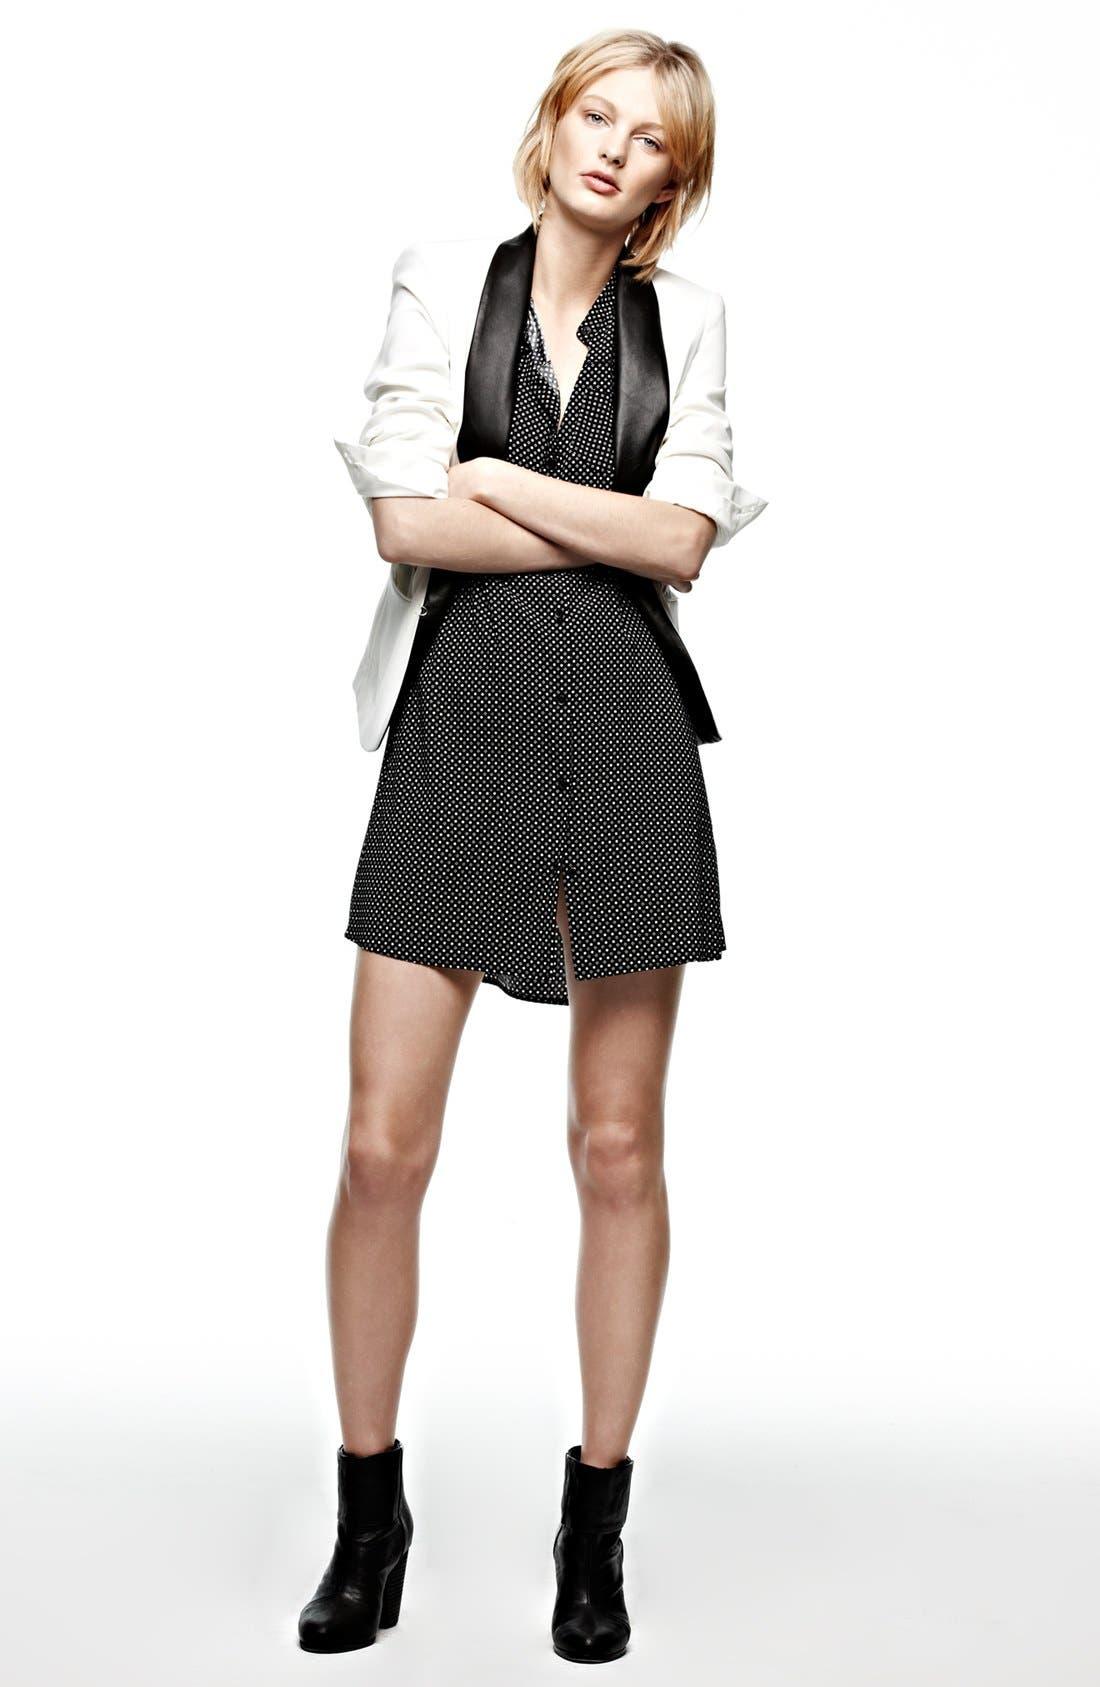 Alternate Image 1 Selected - rag & bone Tuxedo Jacket & Shirtdress